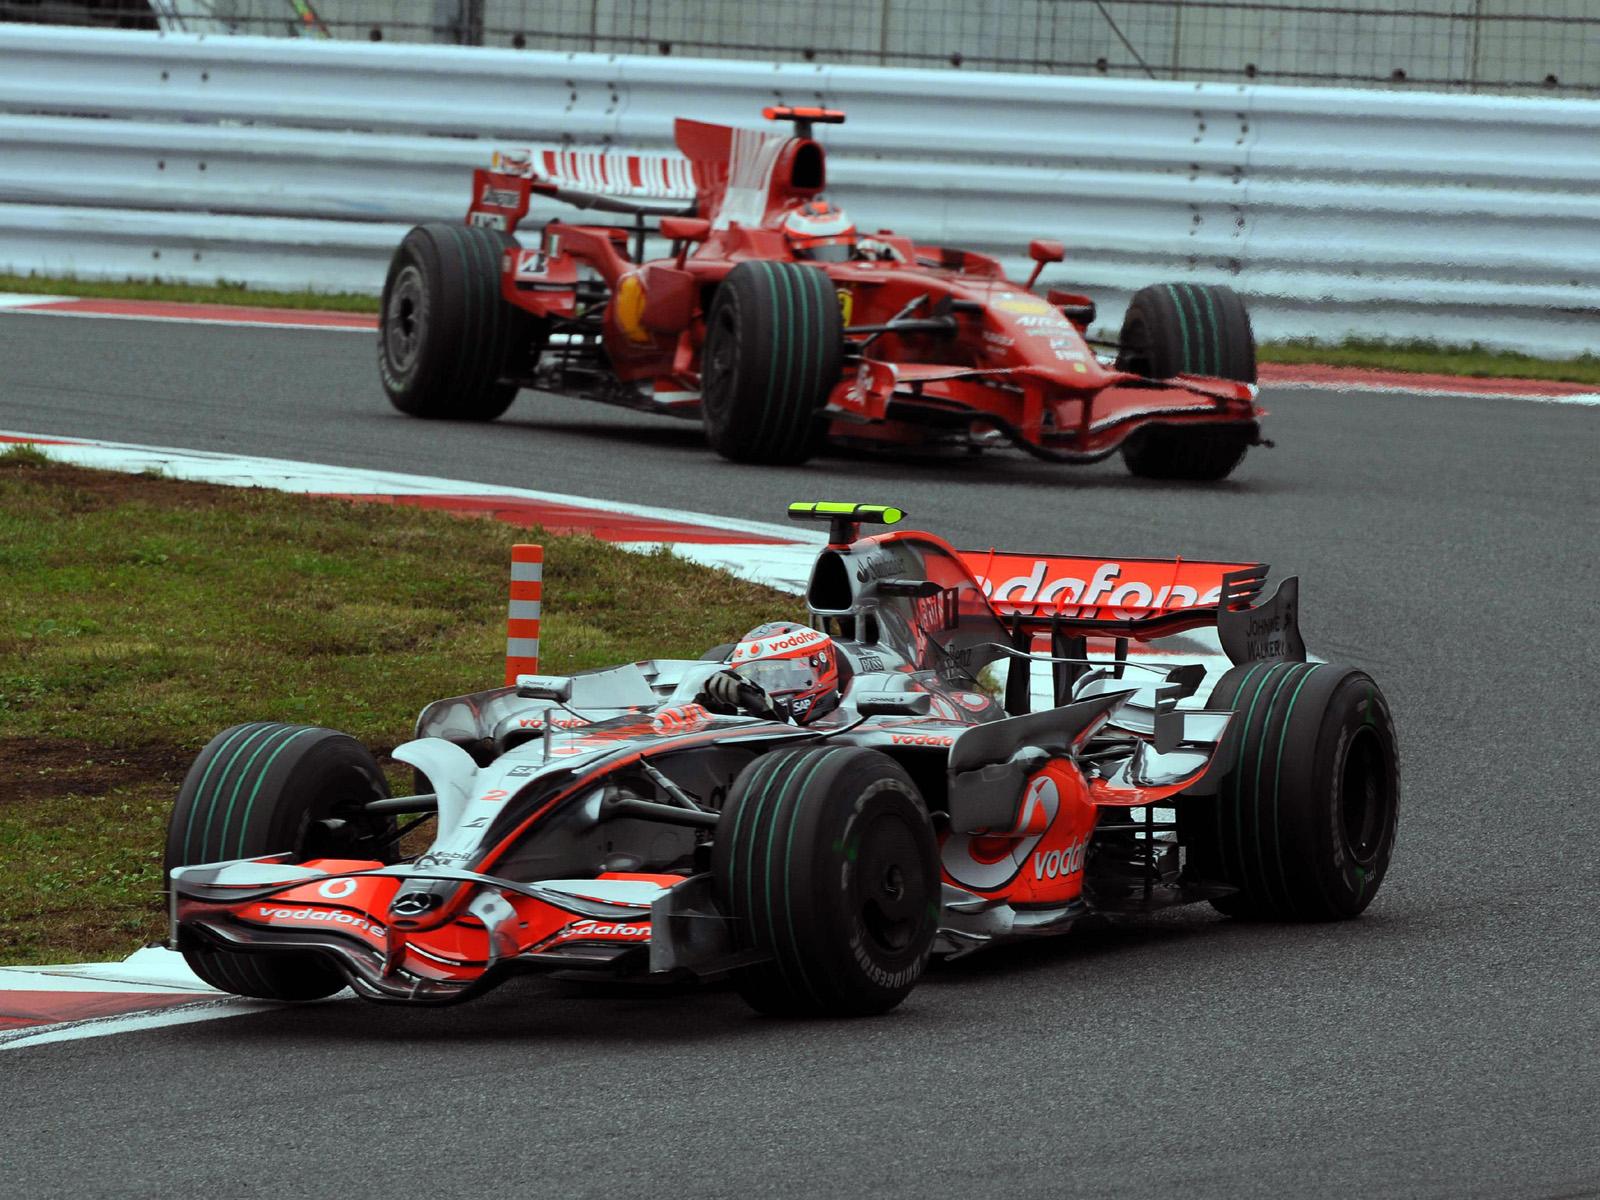 5 Door Car >> Formule 1 Wallpapers | HD Wallpapers